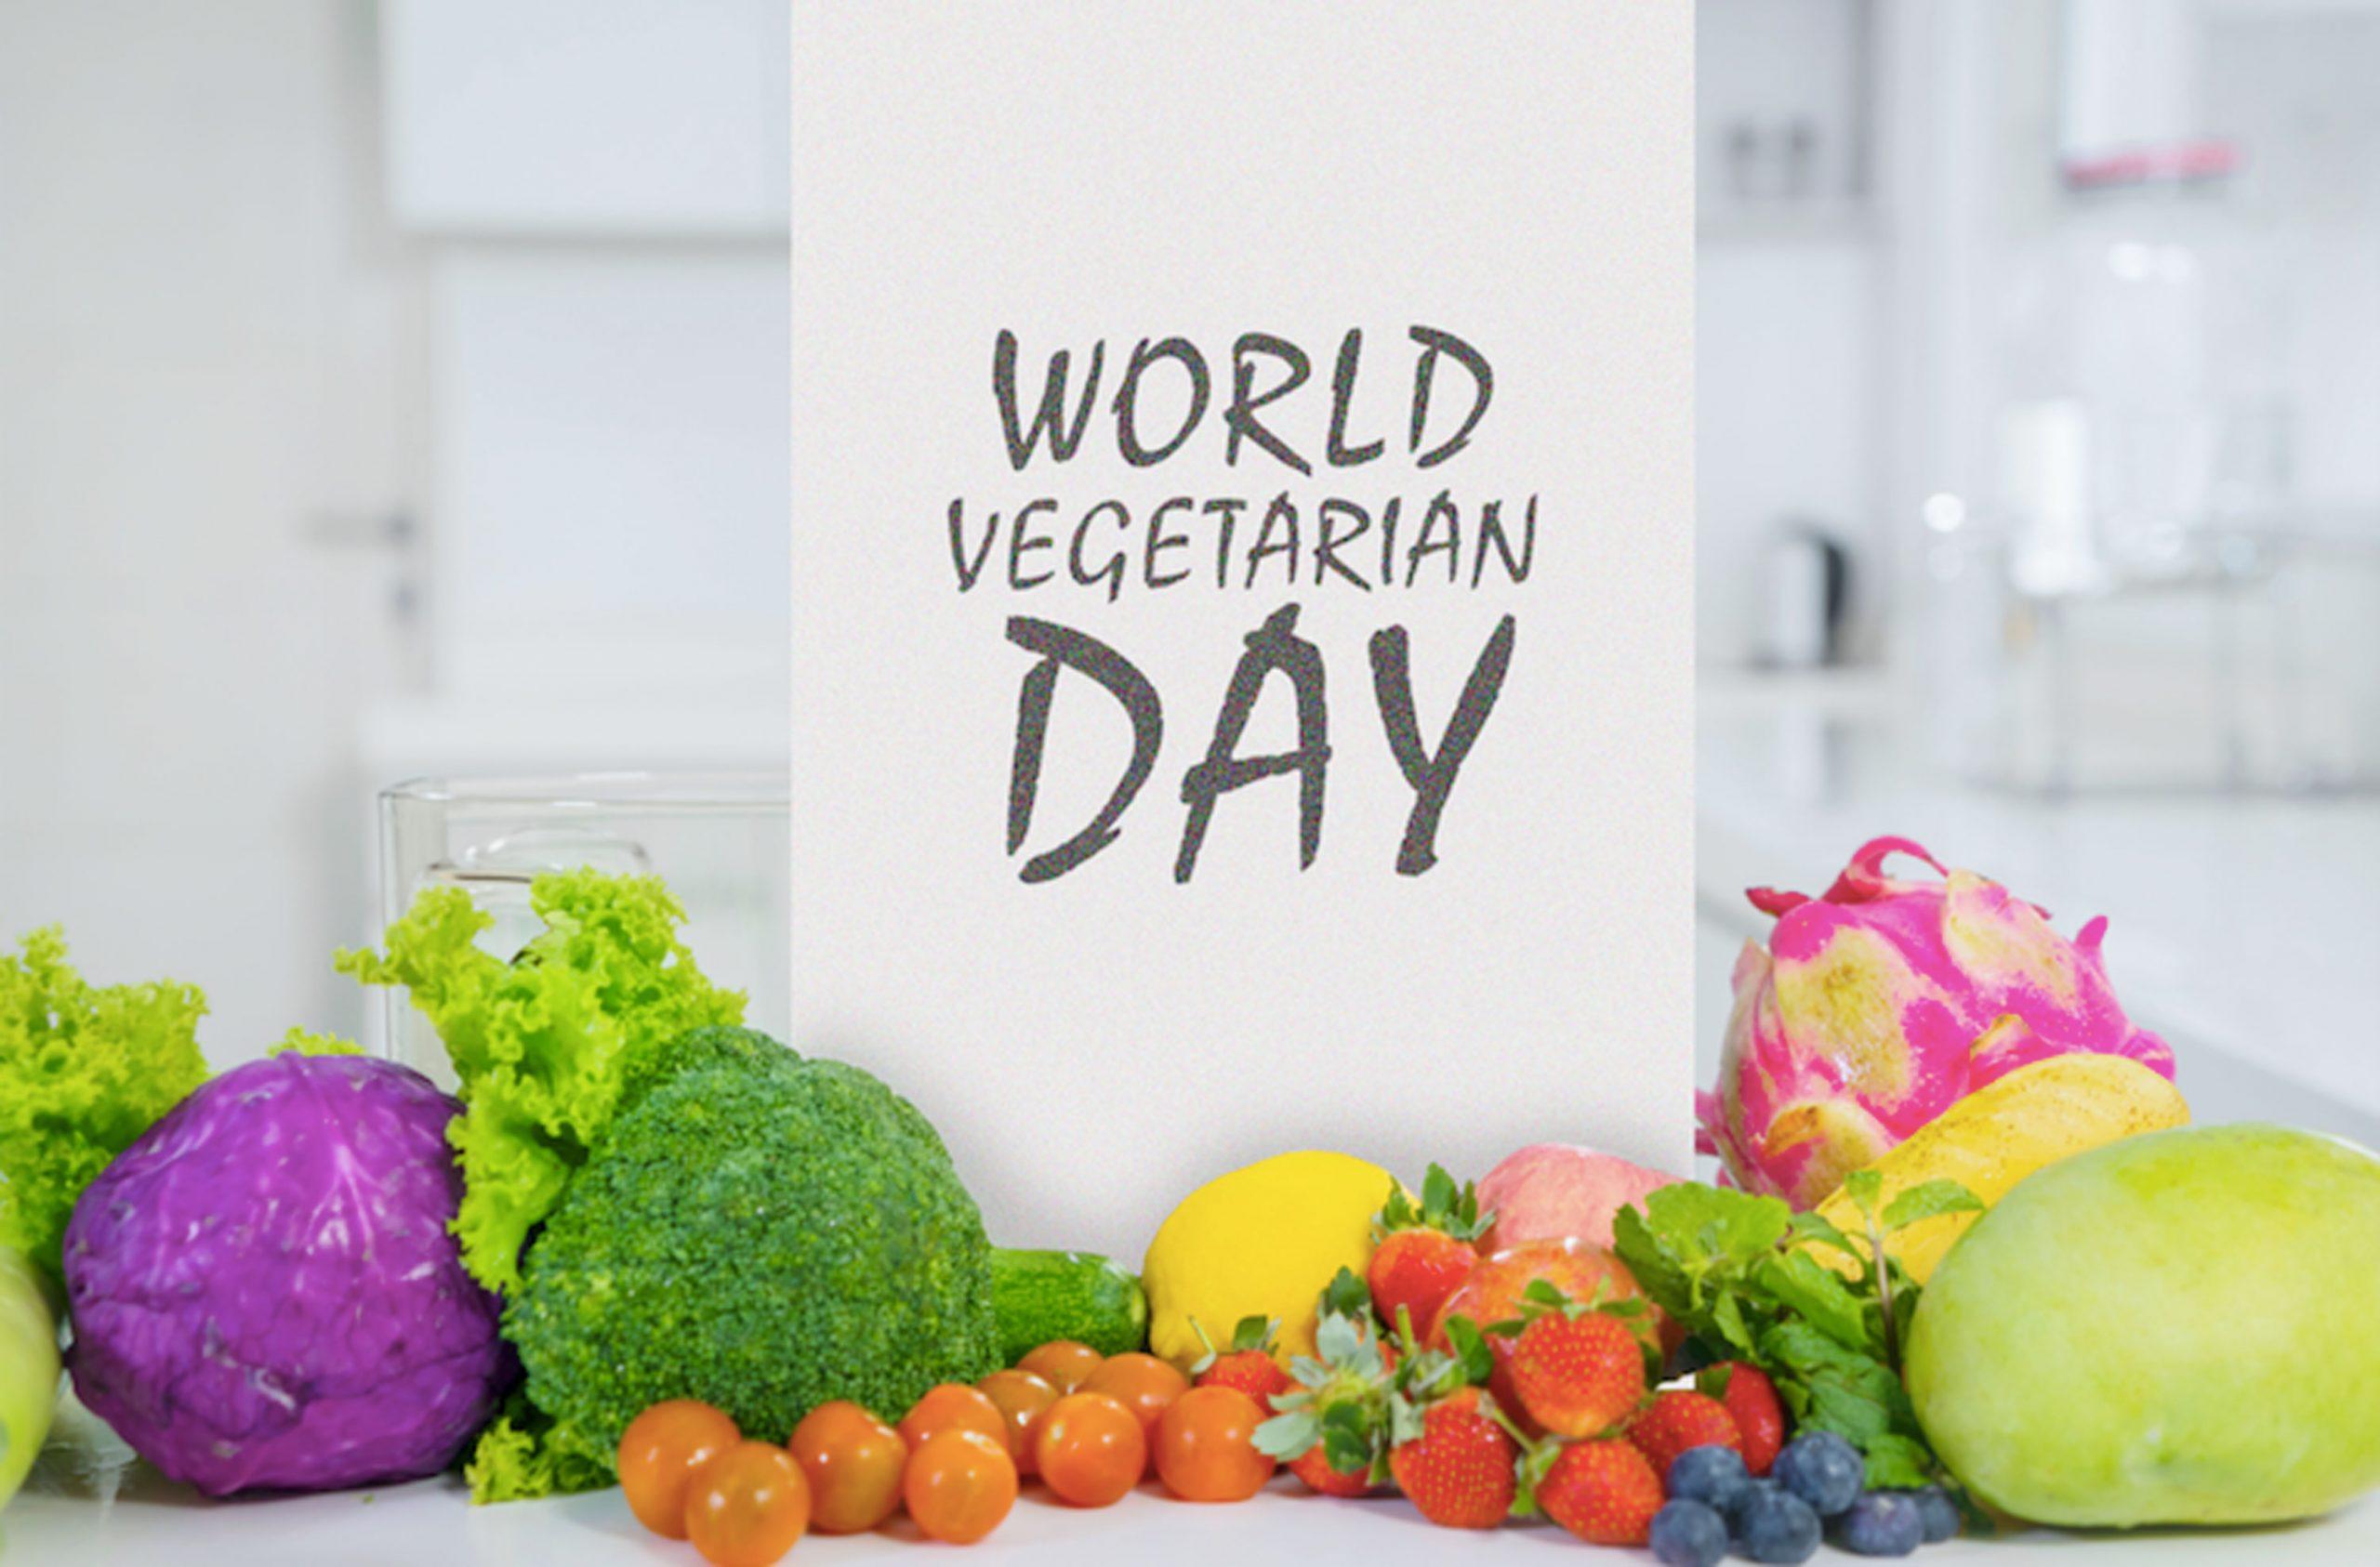 国际素食日 无肉也欢